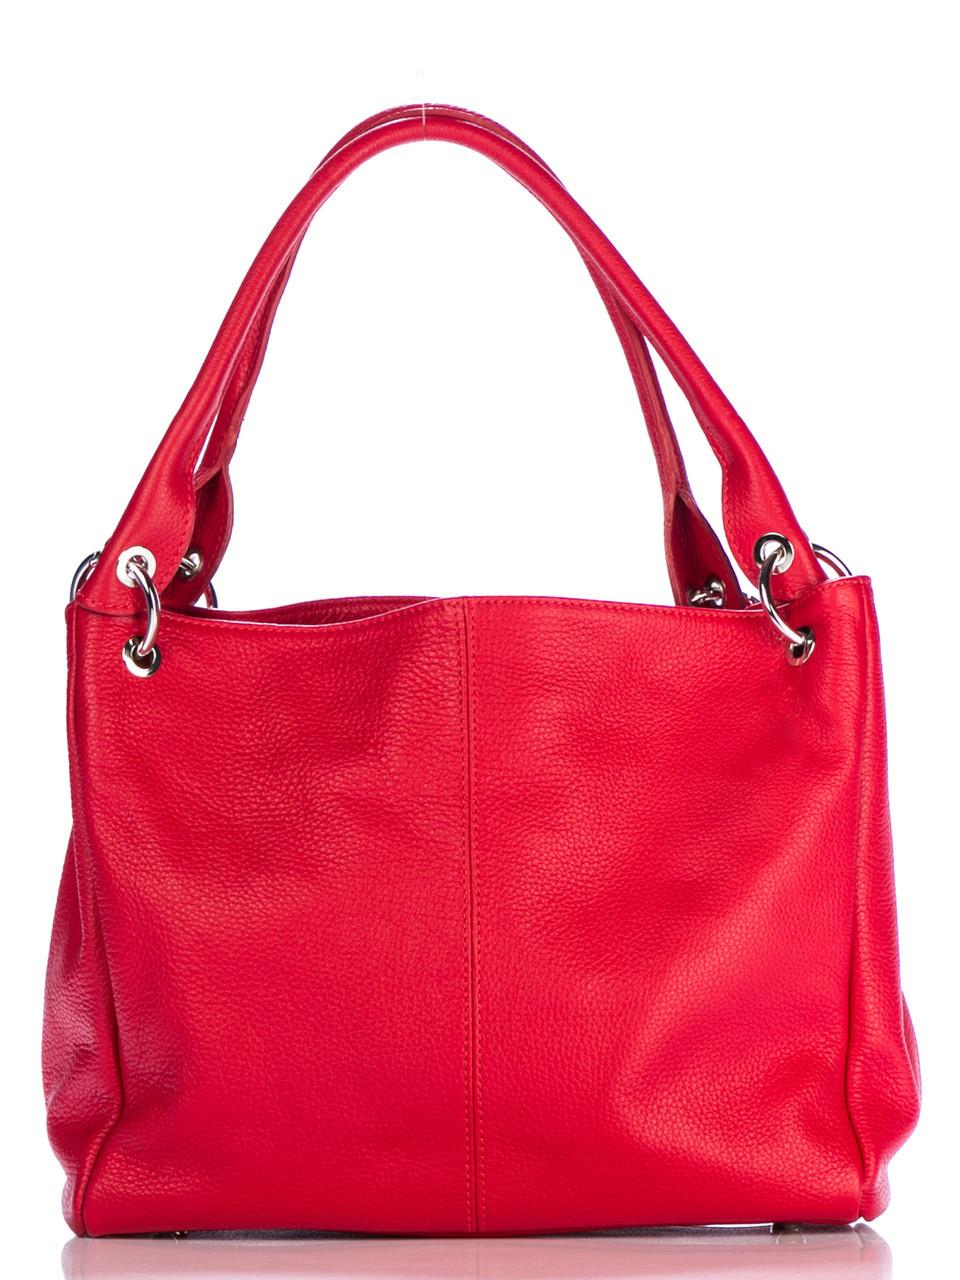 Жіноча шкіряна сумка ASIA diva's Bag колір червоний